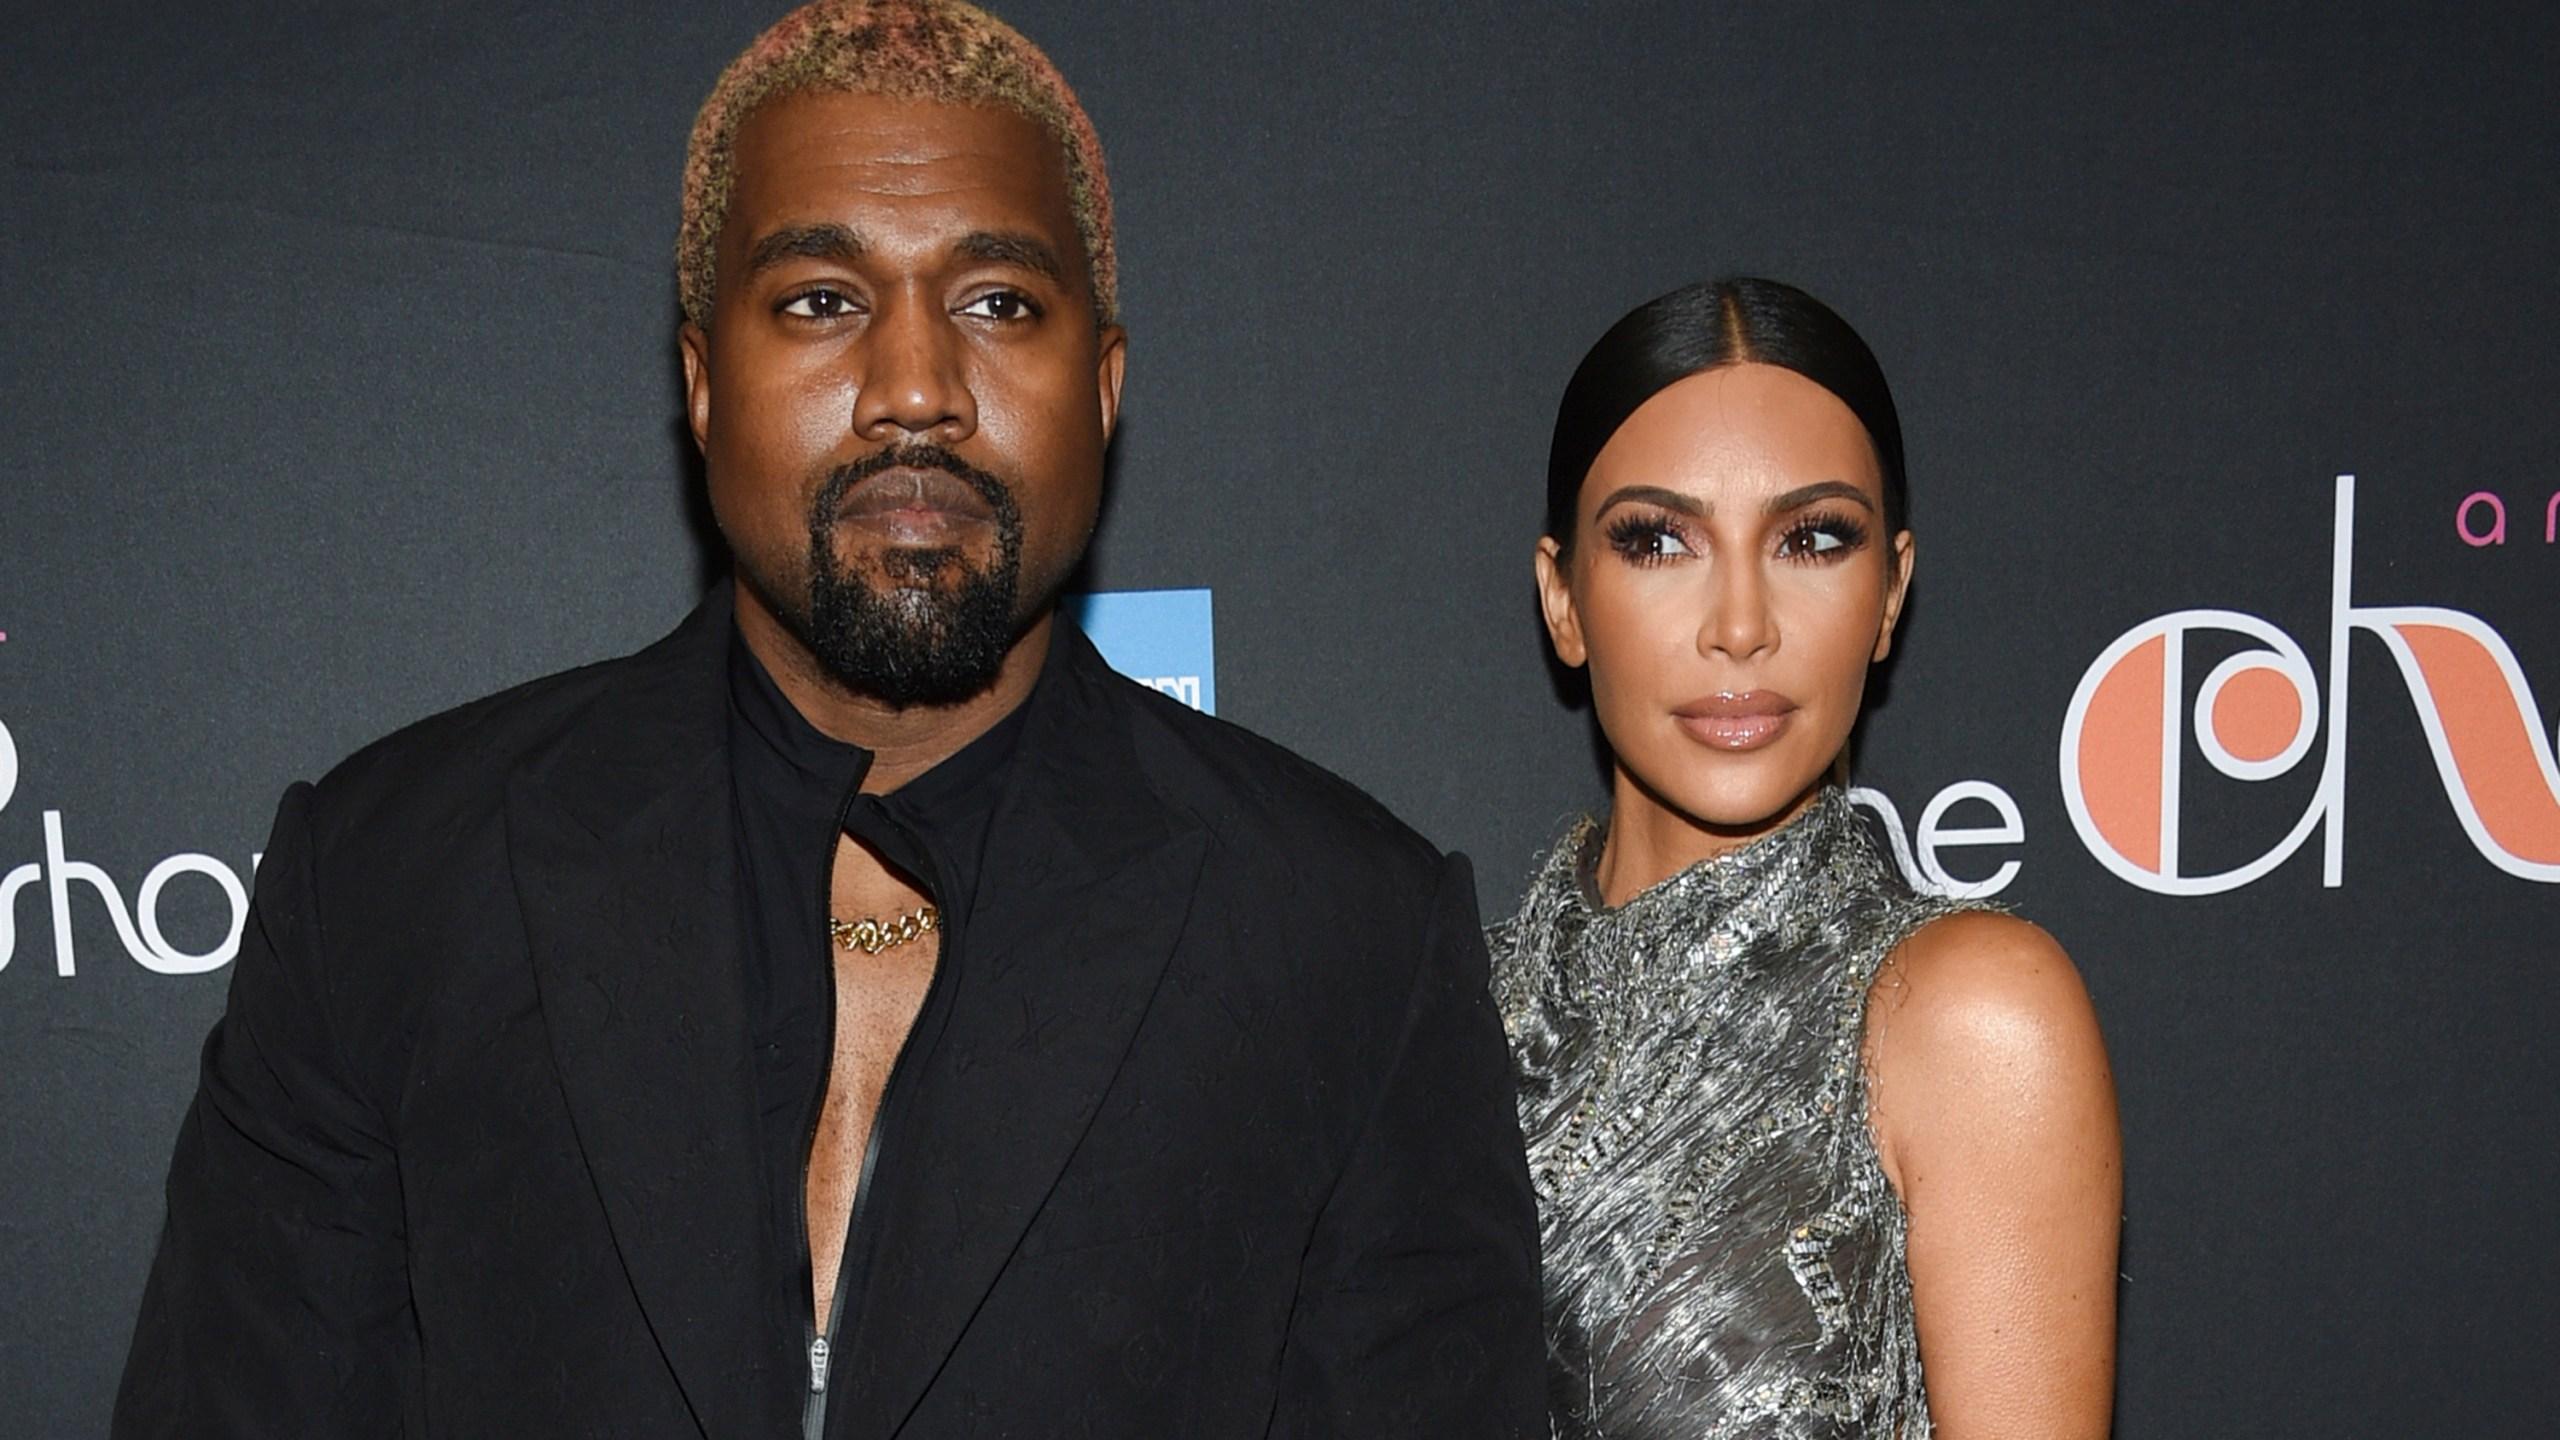 Kanye West, Kim Kardashian West